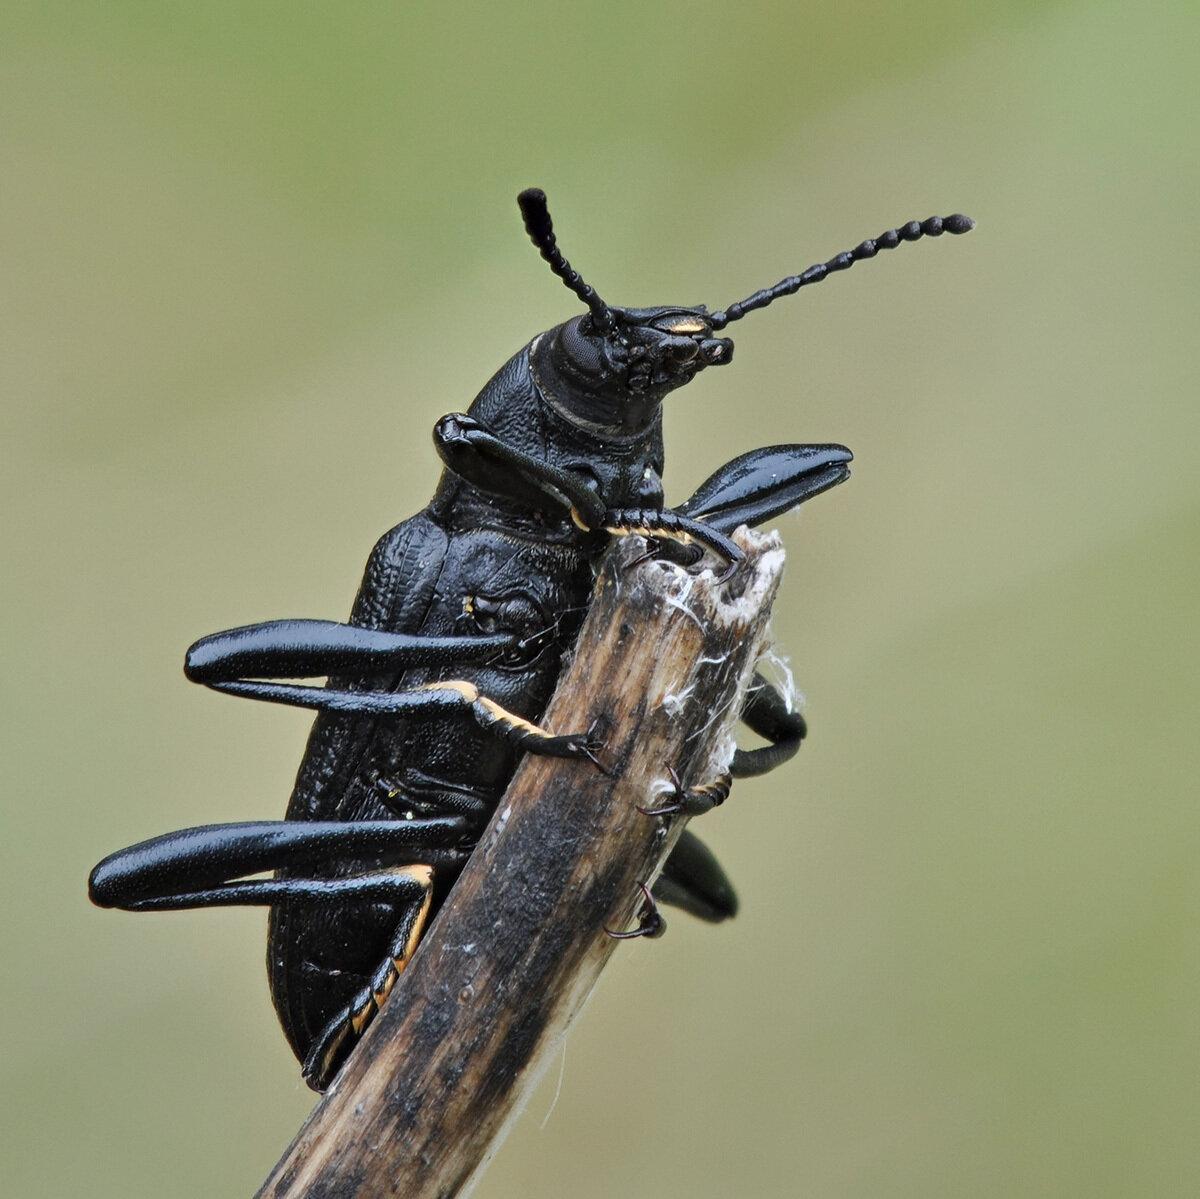 Чернотелка лесная (Upis ceramboide). Автор фото: Владимир Брюхов